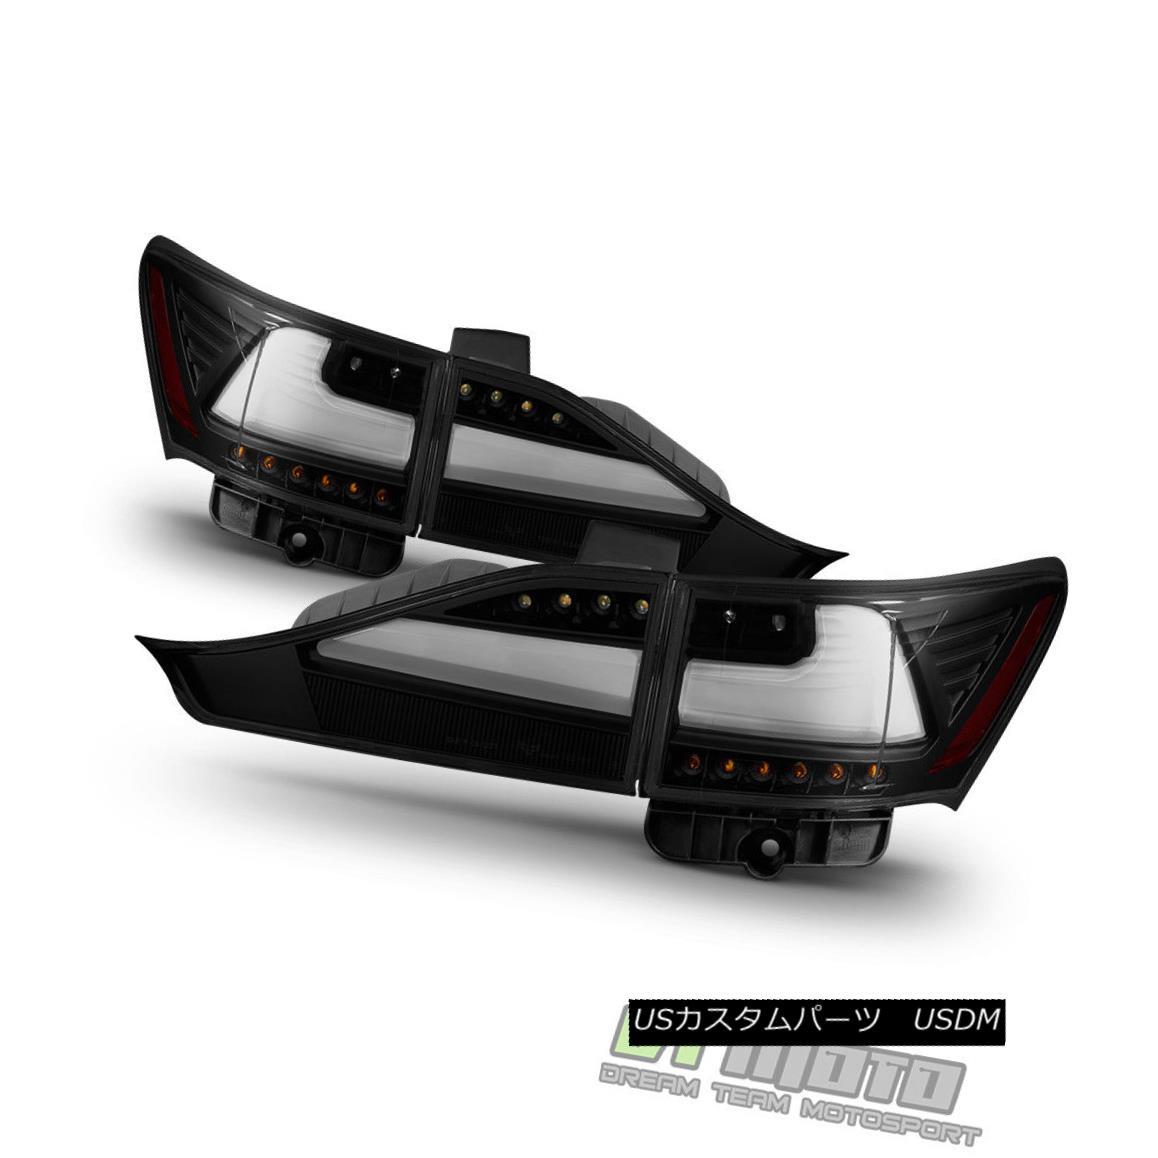 テールライト Black Smoke 2011-2014 Lexus CT200h LED Light Tube Tail Lights +Trunk 4pcs sets ブラックスモーク2011-2014レクサスCT200h LEDライトチューブテールライト+トランク4個セット